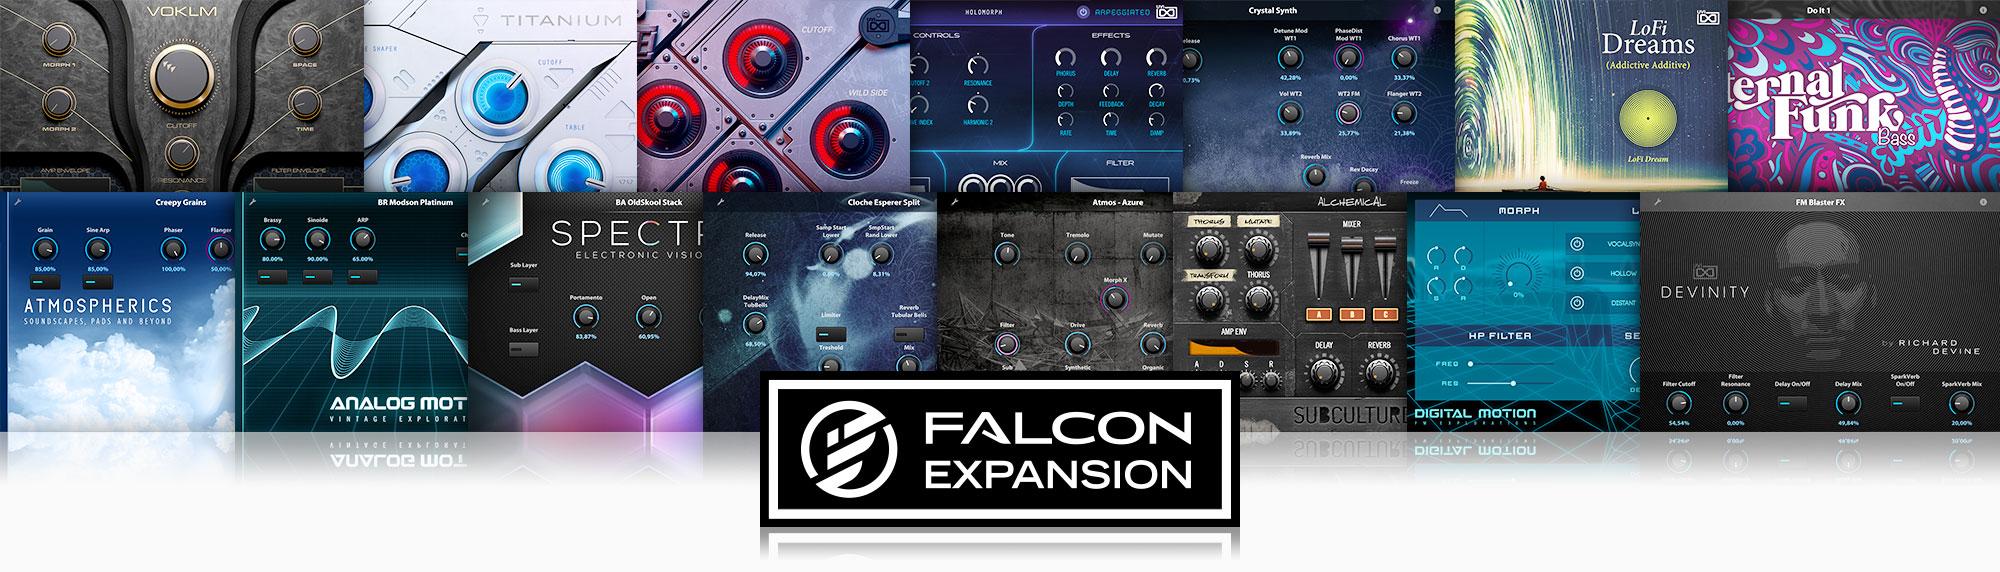 PP_FALCON2_ADDONS_FALCON_EXP